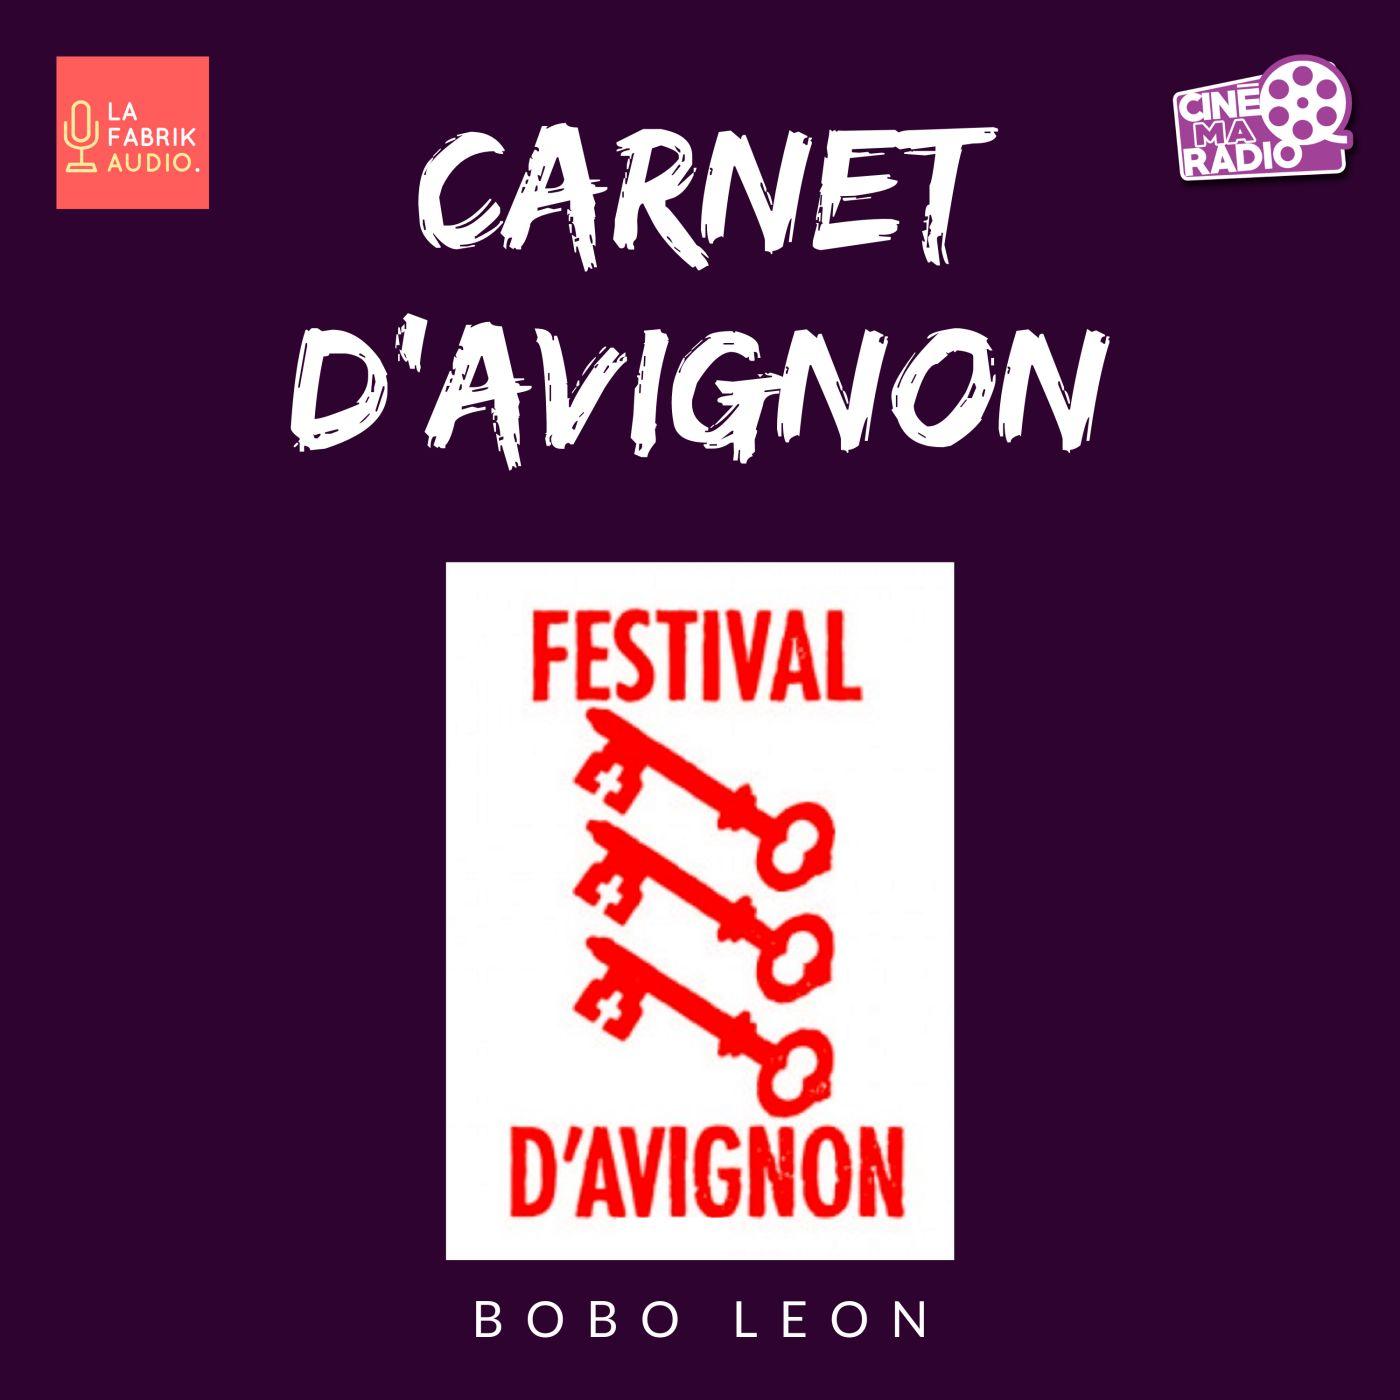 FESTIVAL D'AVIGNON | Carnet d'Avignon #03